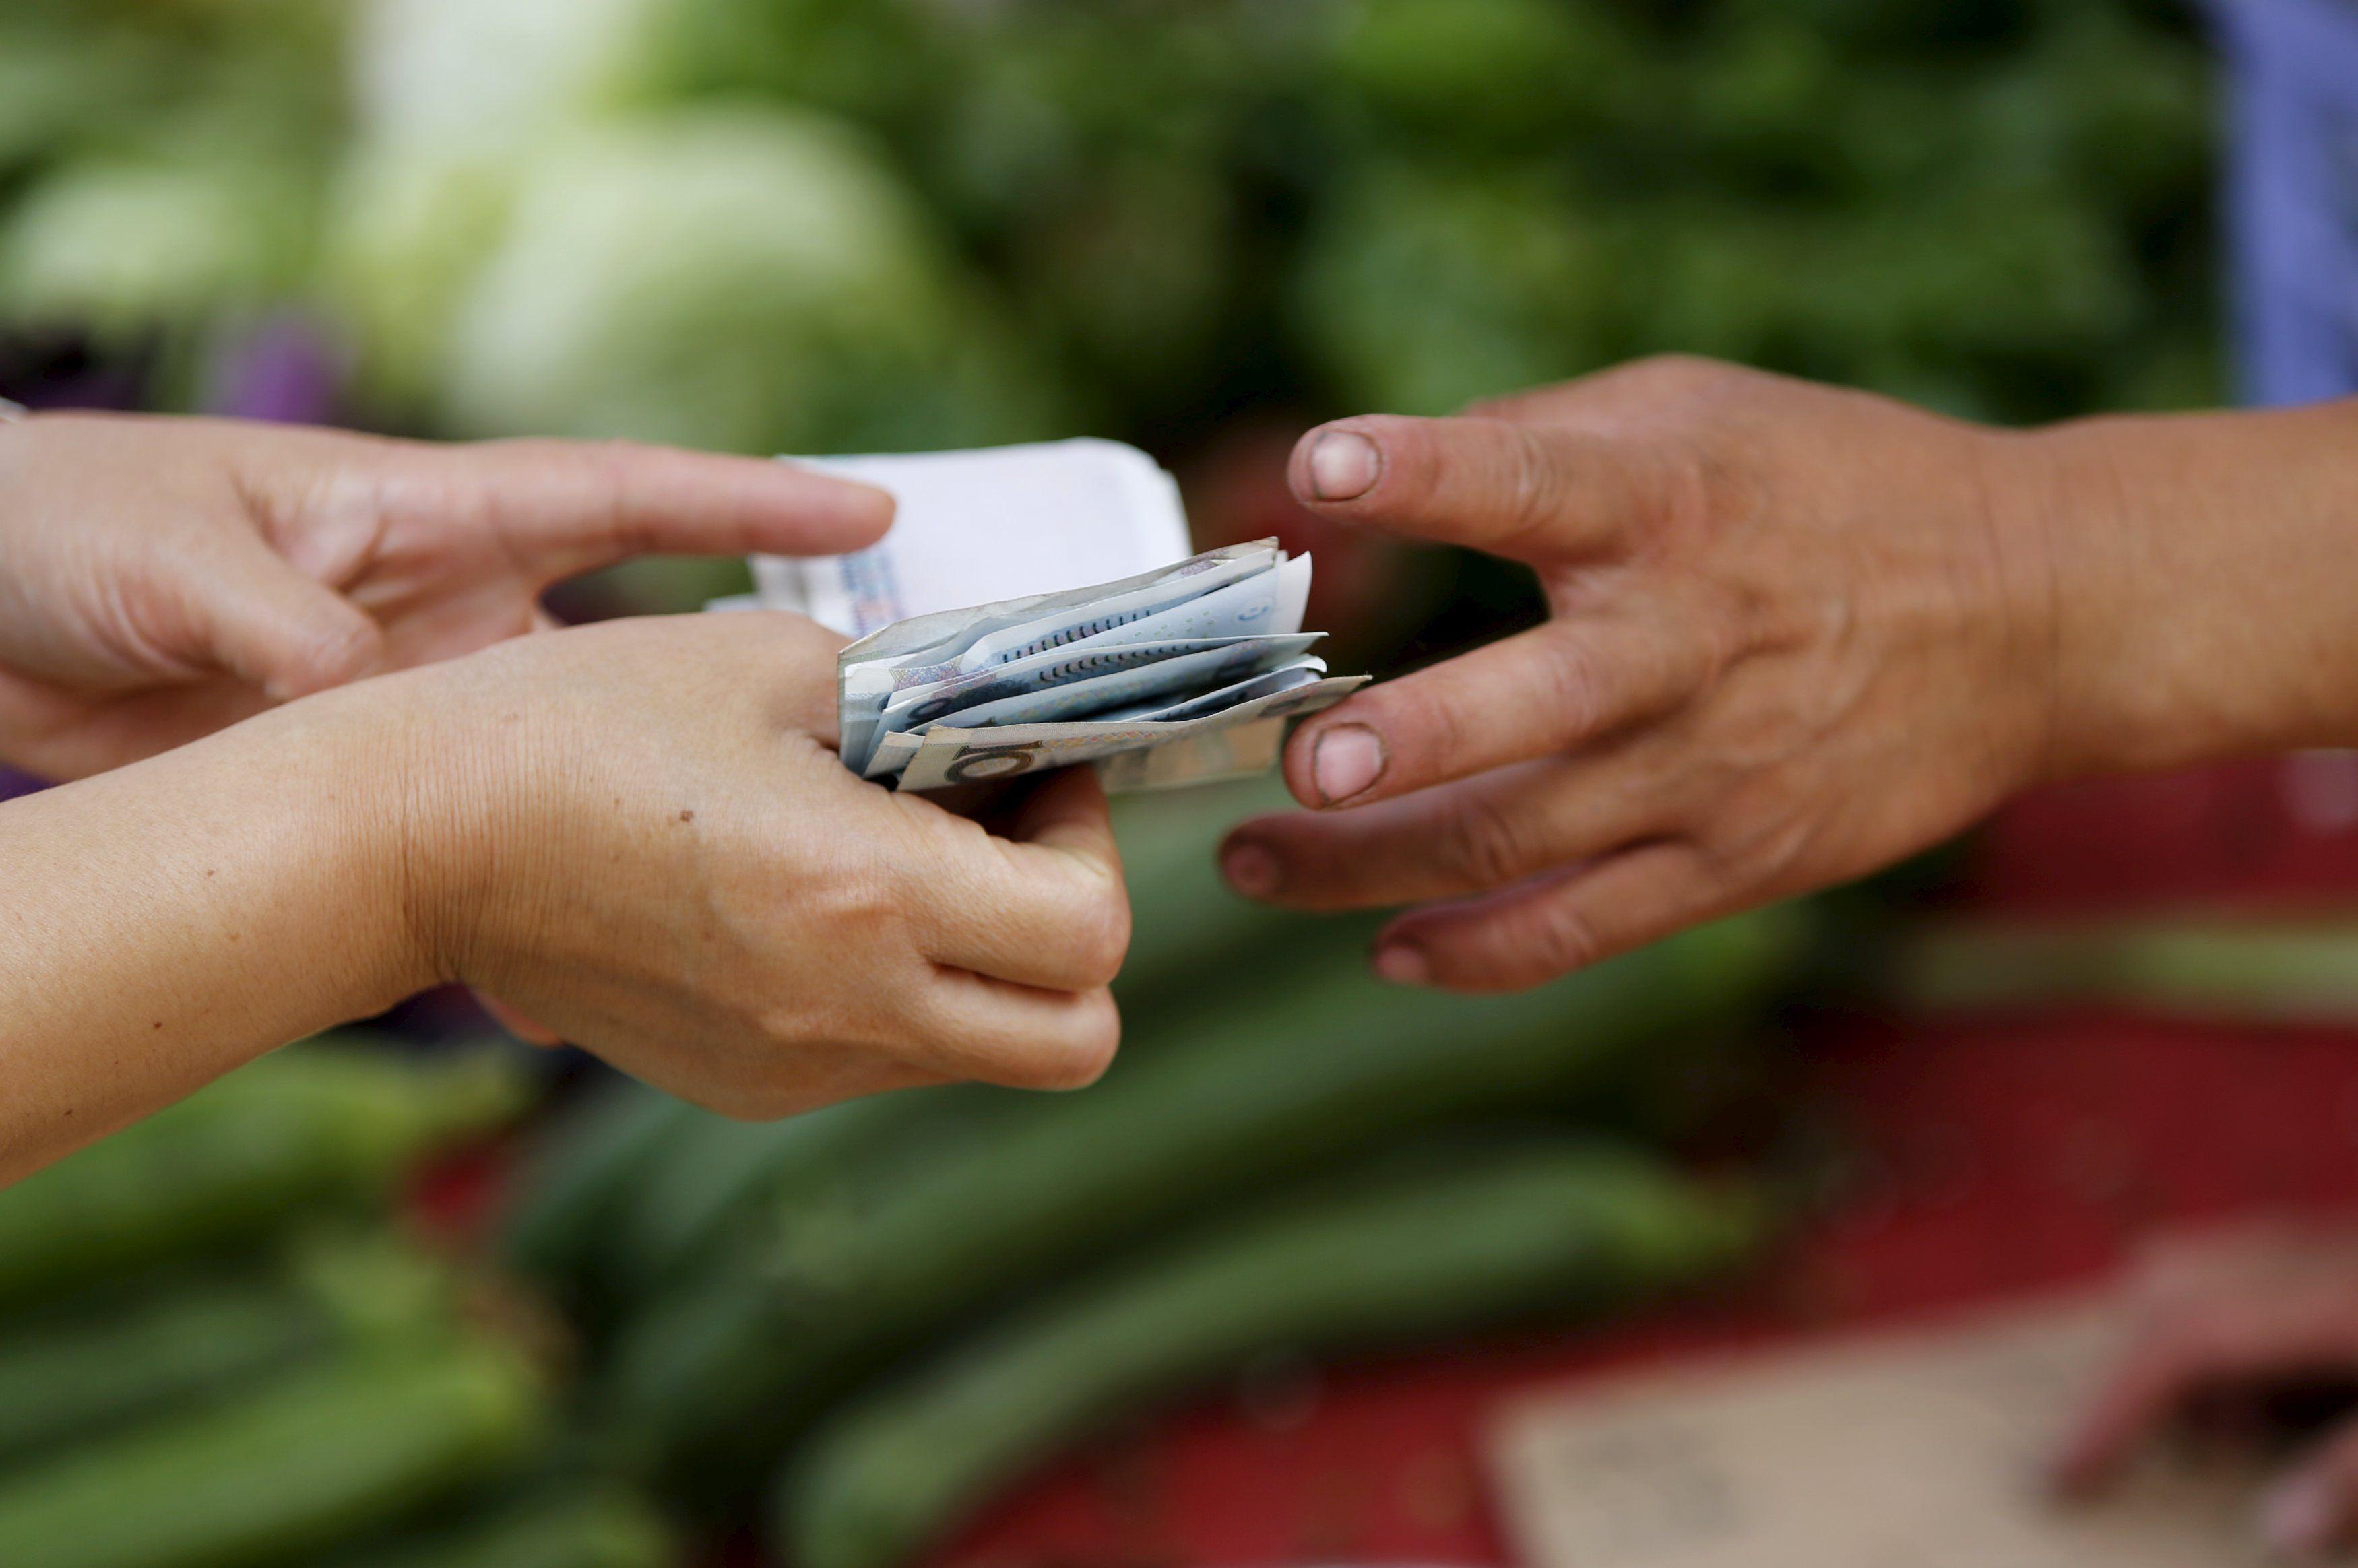 Деньги, валюта, обмен, взятка